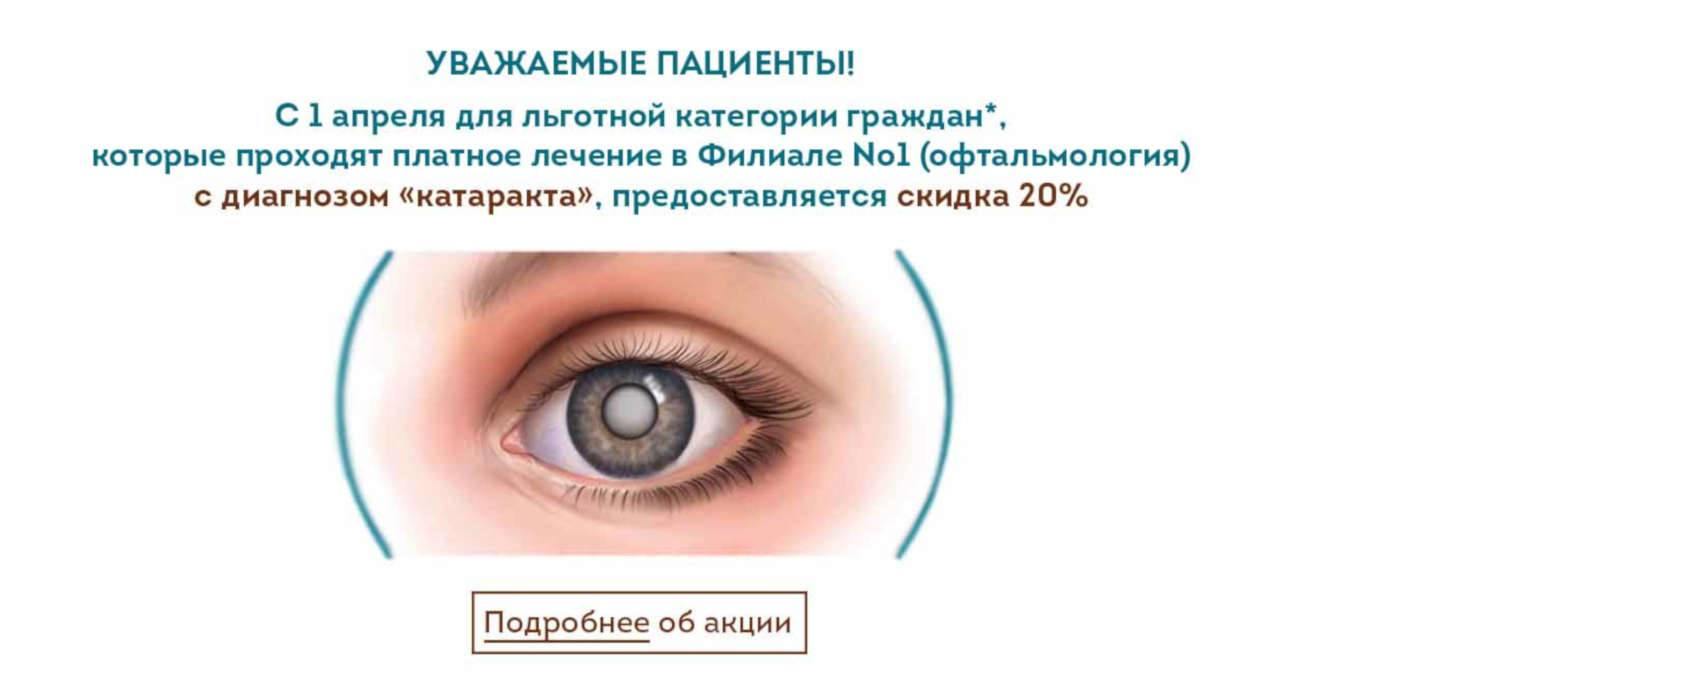 Схема боткинская больница москва фото 605